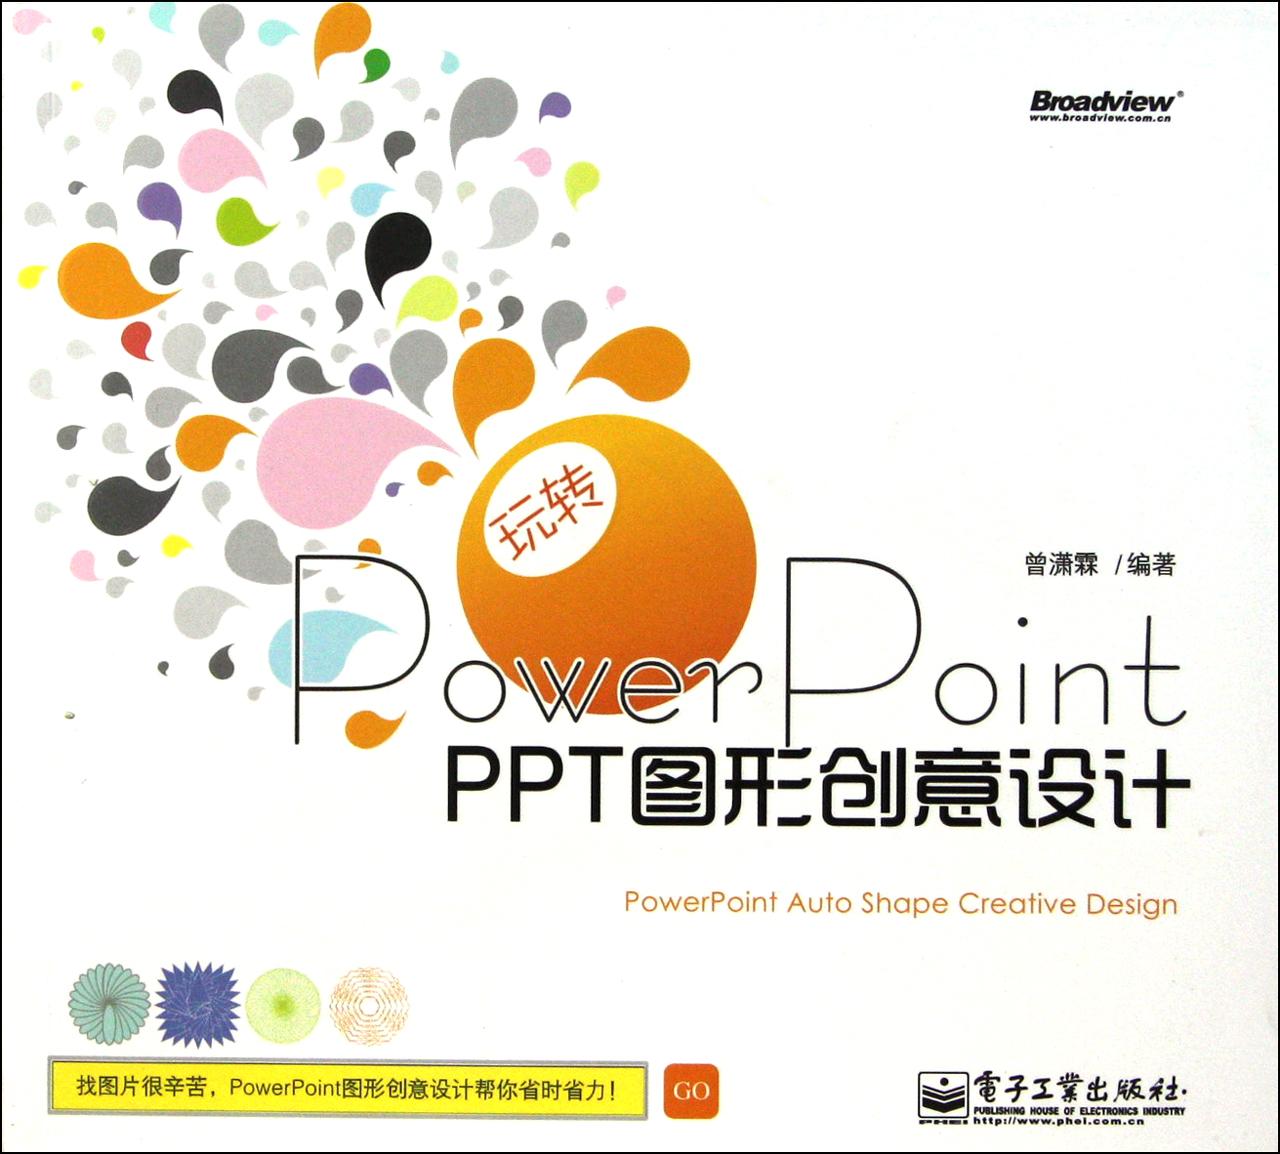 盘ppt图形创意设计